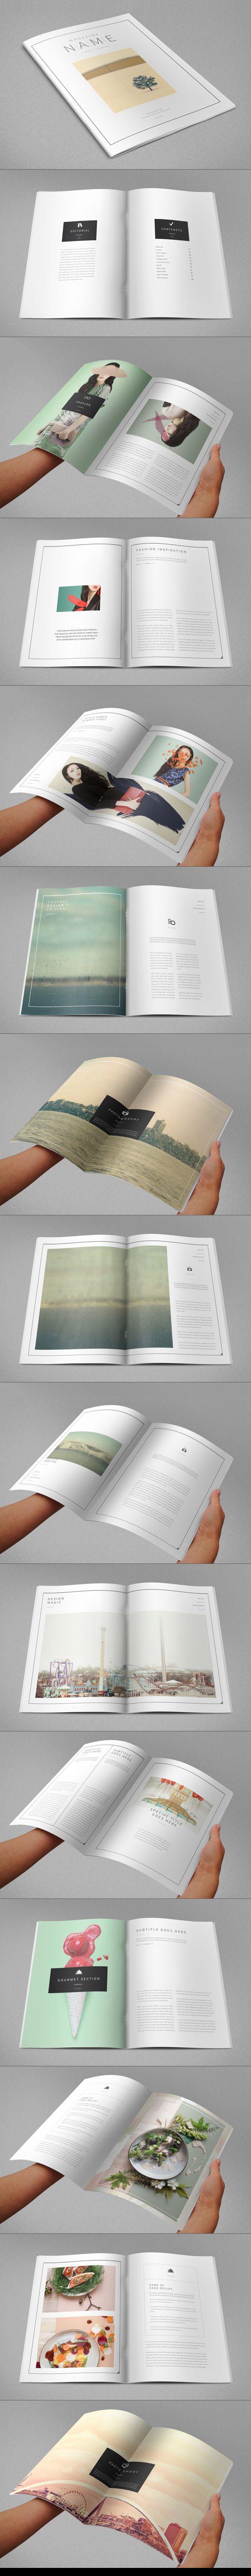 Minimal Modern Magazine. Download here: http://graphicriver.net/item/minimal-modern-magazine/9491836?ref=abradesign #magazine #design